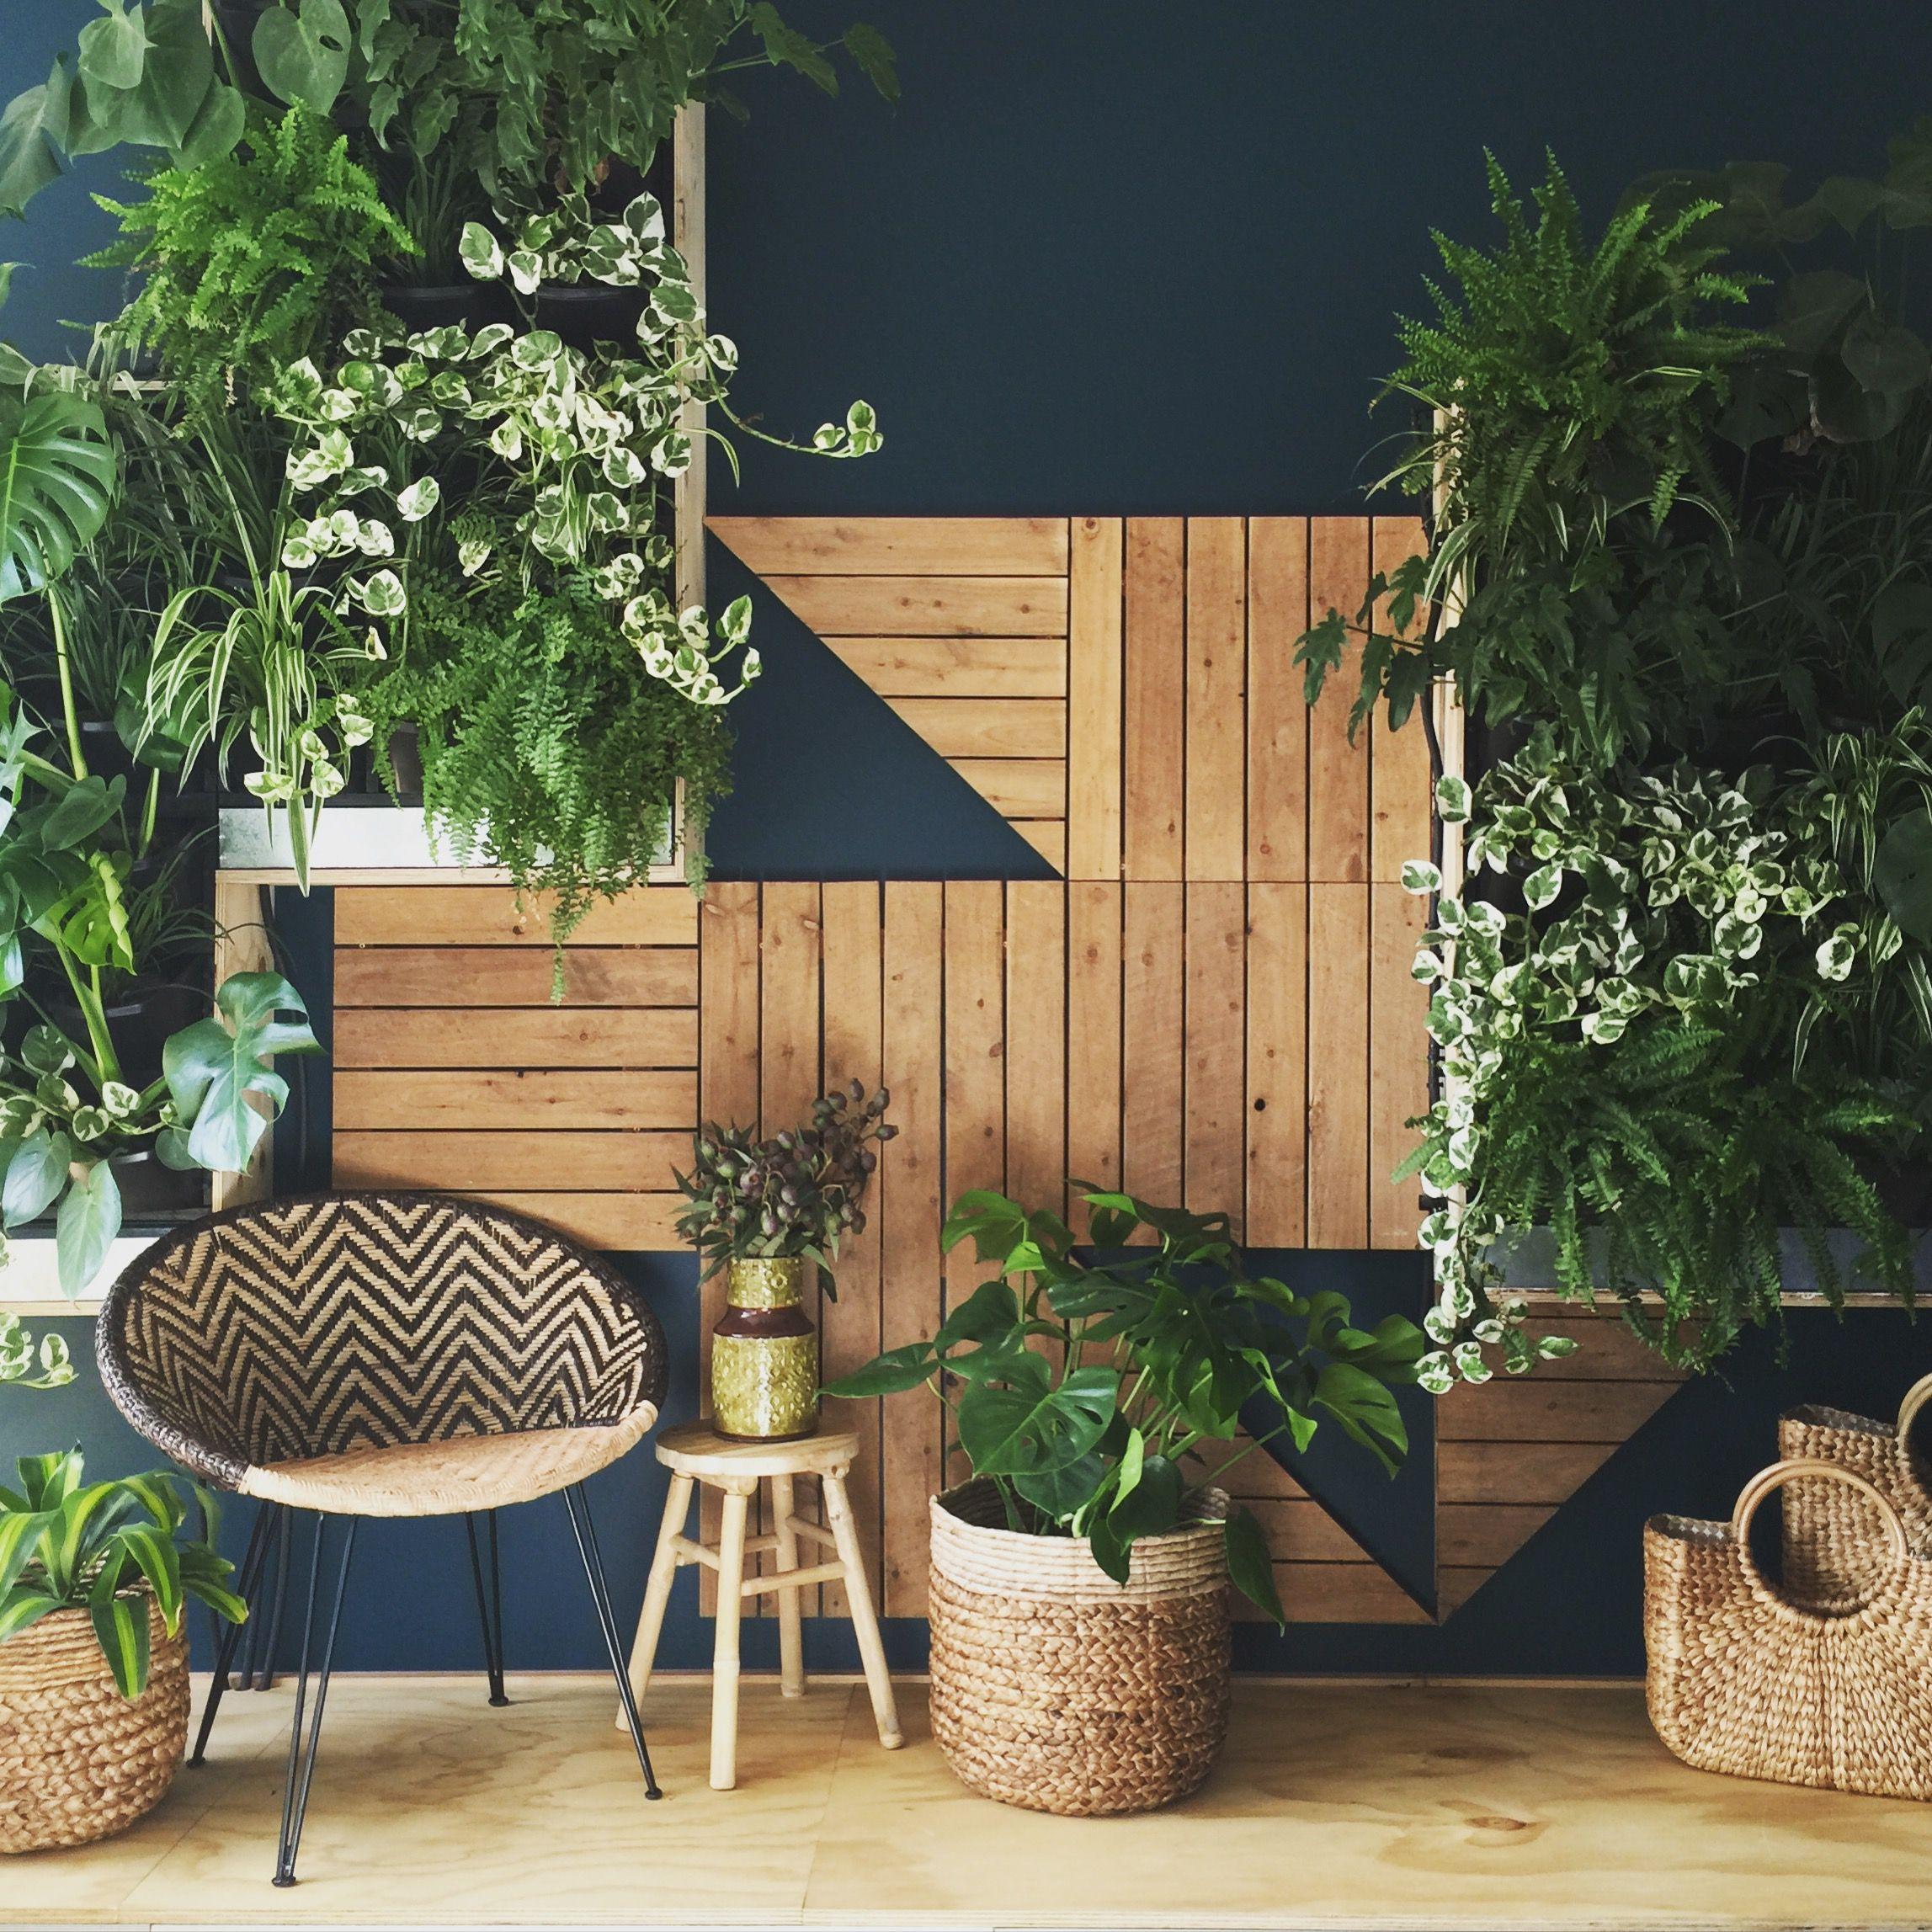 Permalink to Meilleur De De Decoration Mur Exterieur Jardin Schème